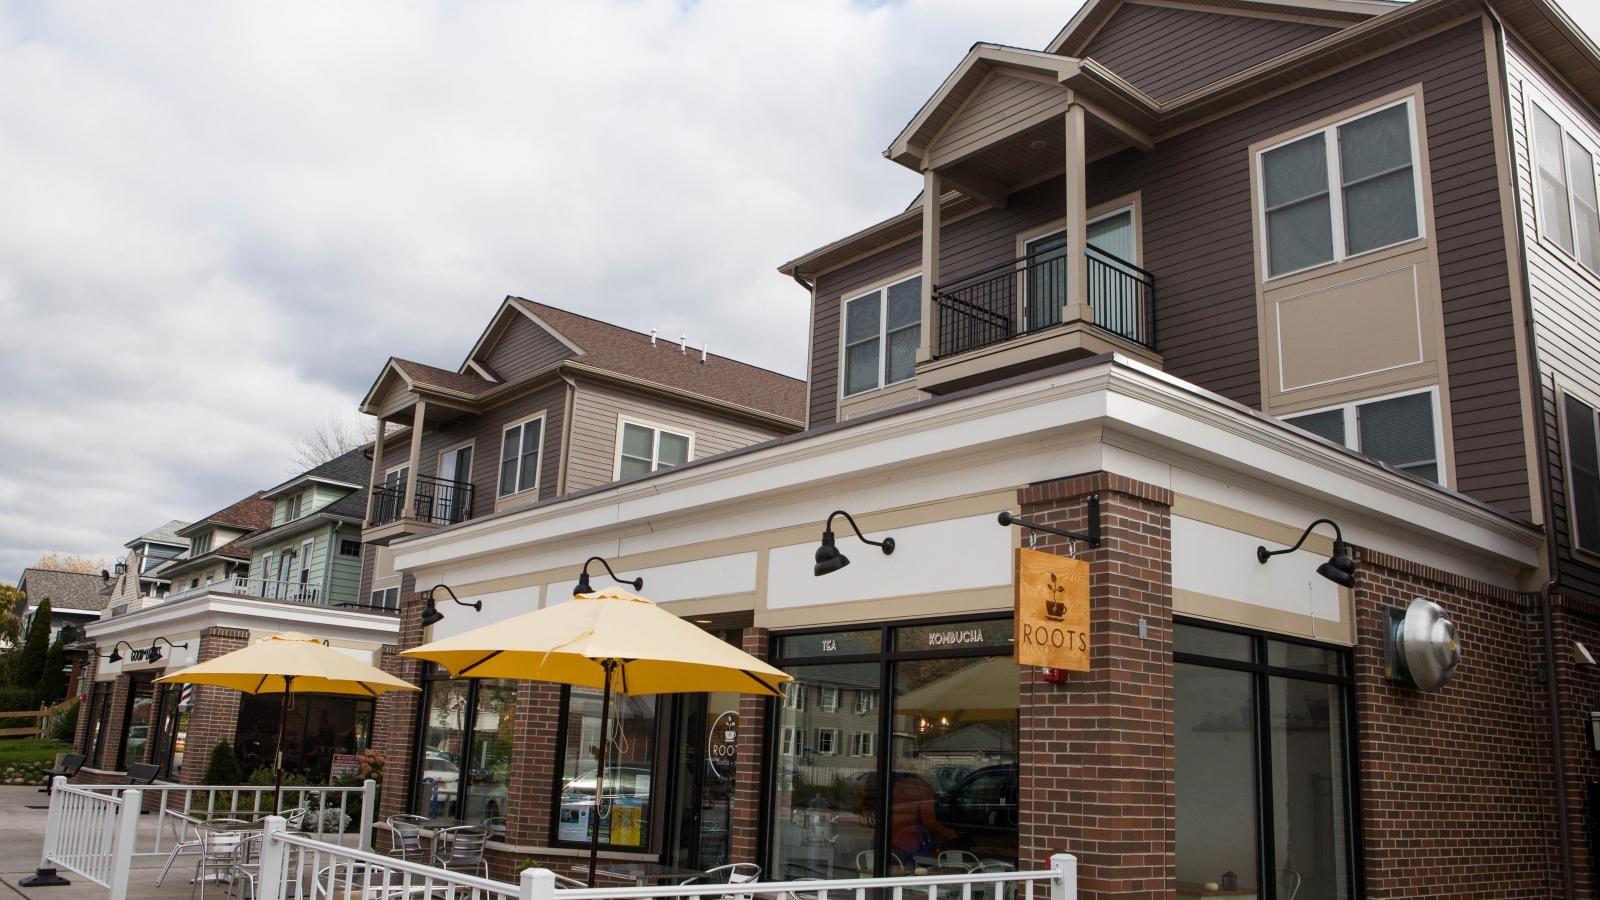 Architects in Buffalo - Top 45 Architects in Buffalo - Sheet18